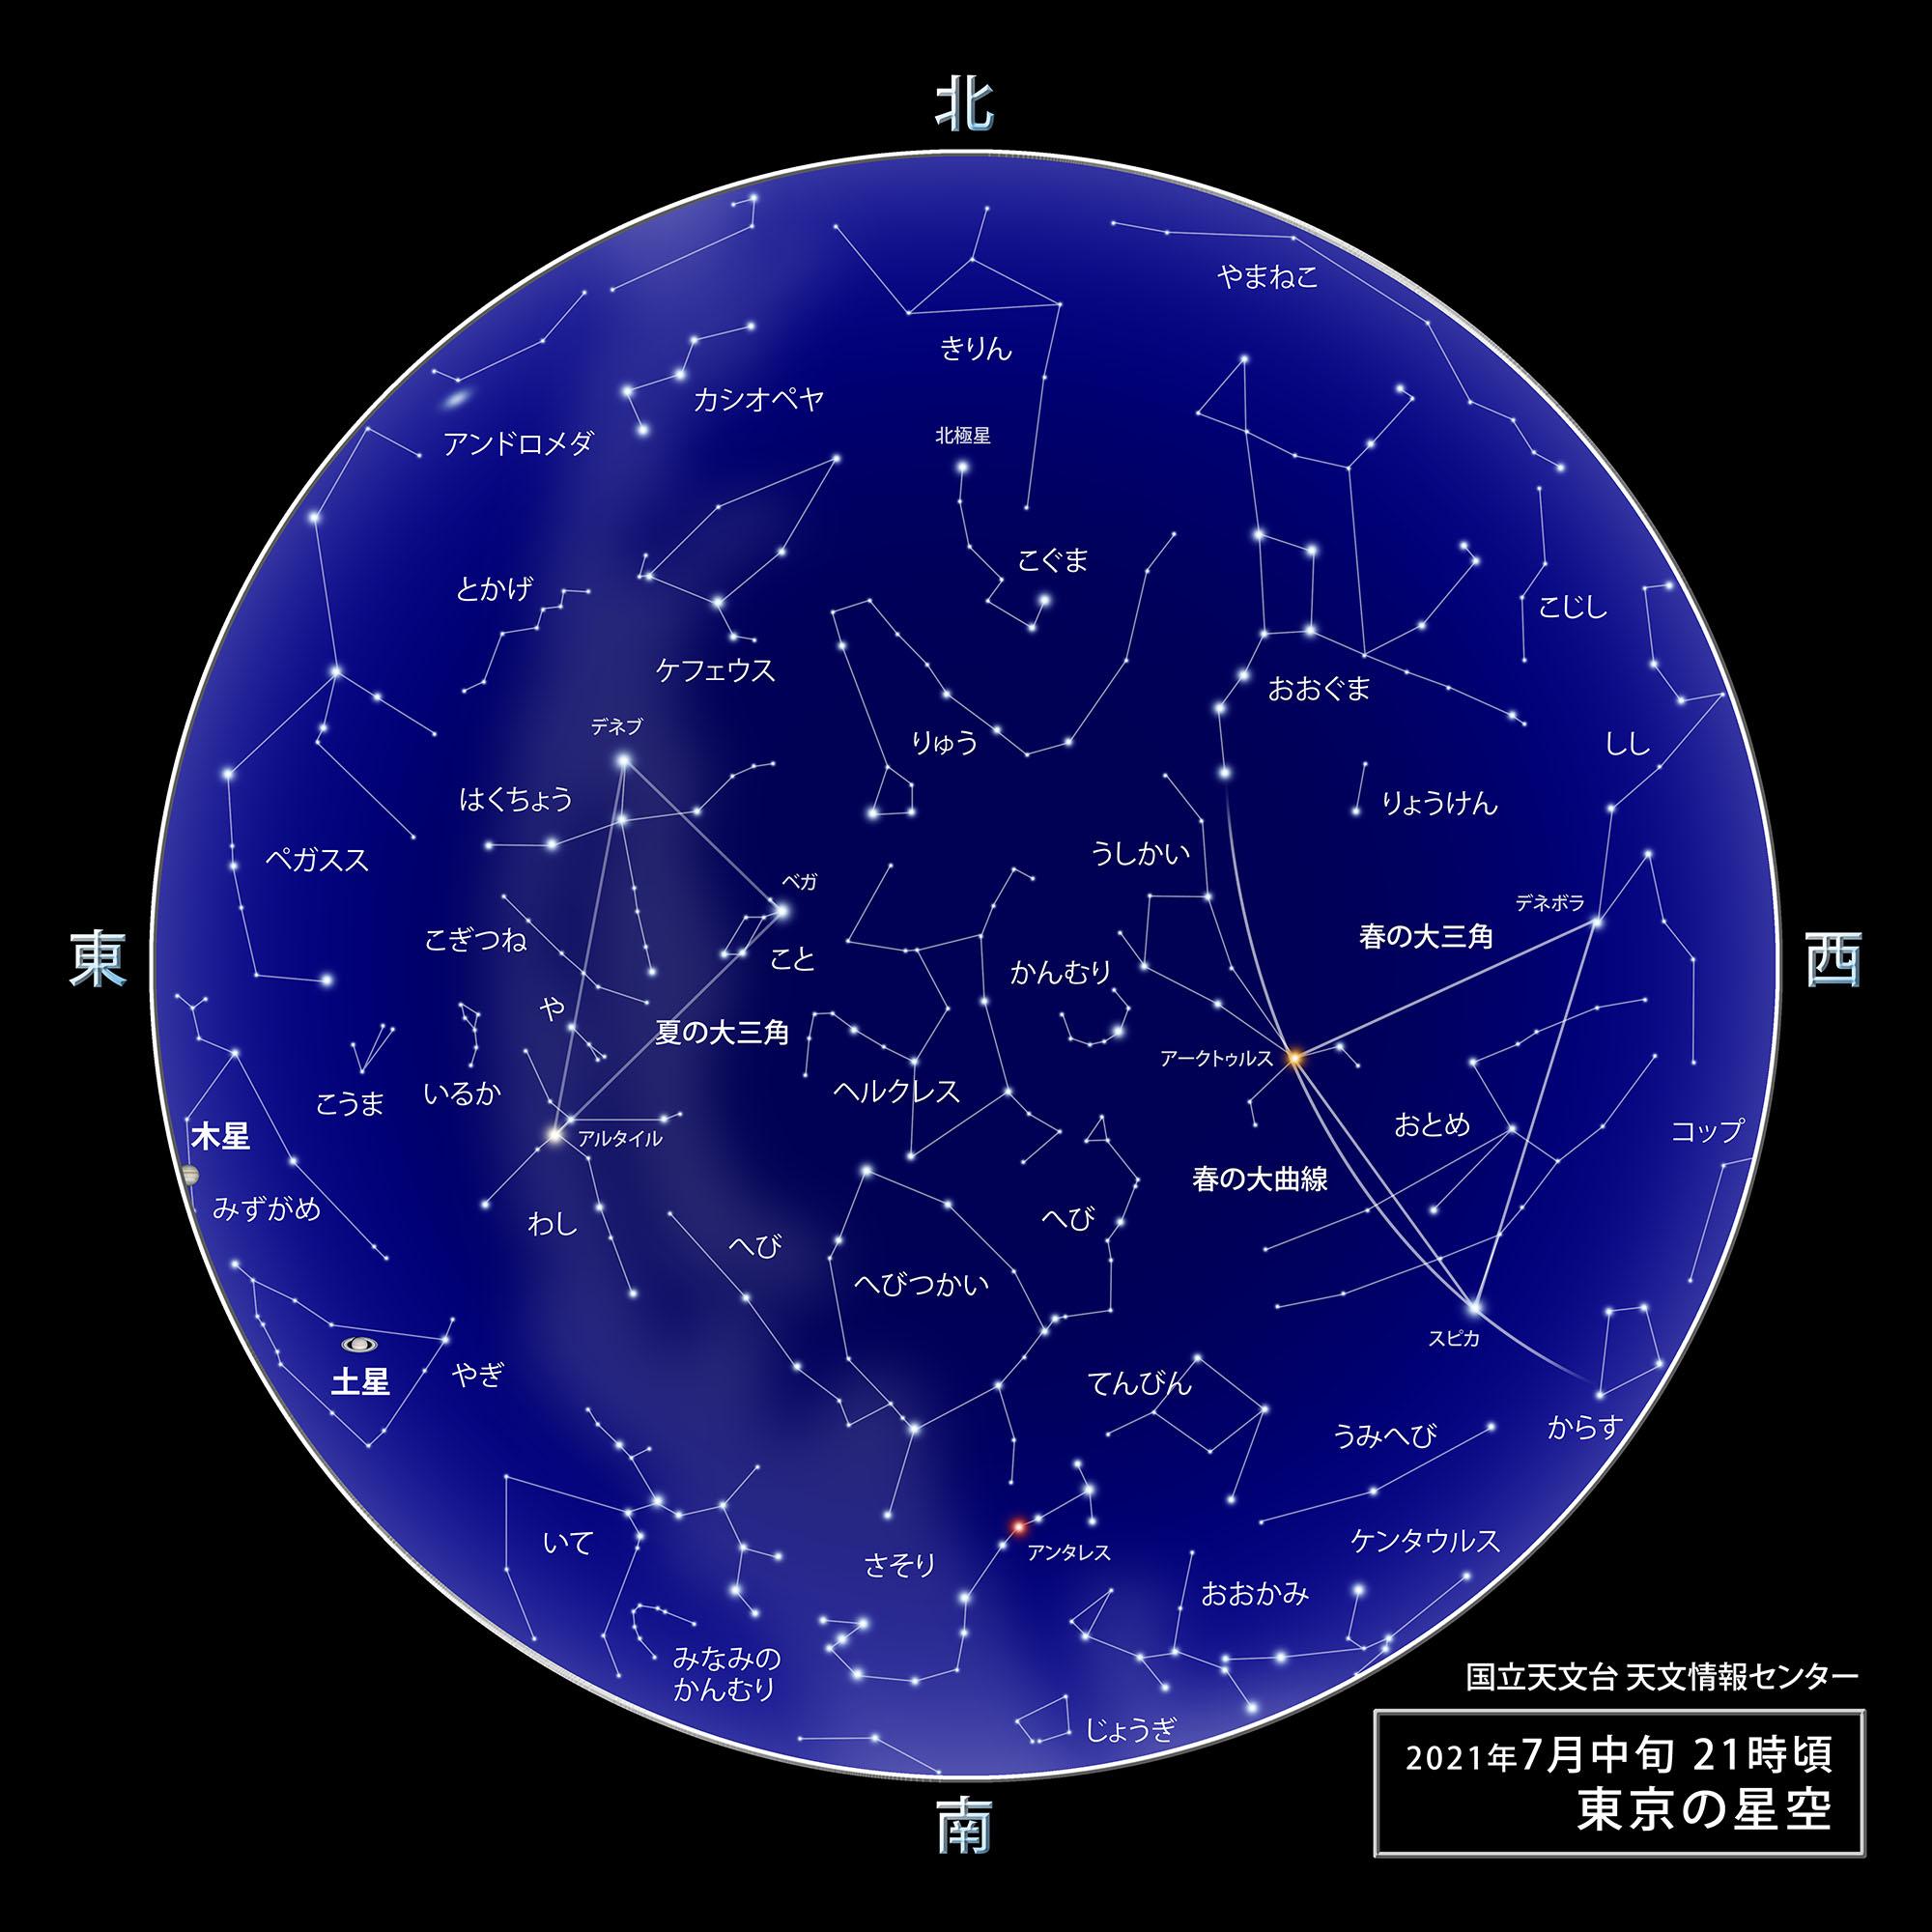 東京の星空・カレンダー・惑星(2021年7月) | 国立天文台(NAOJ)